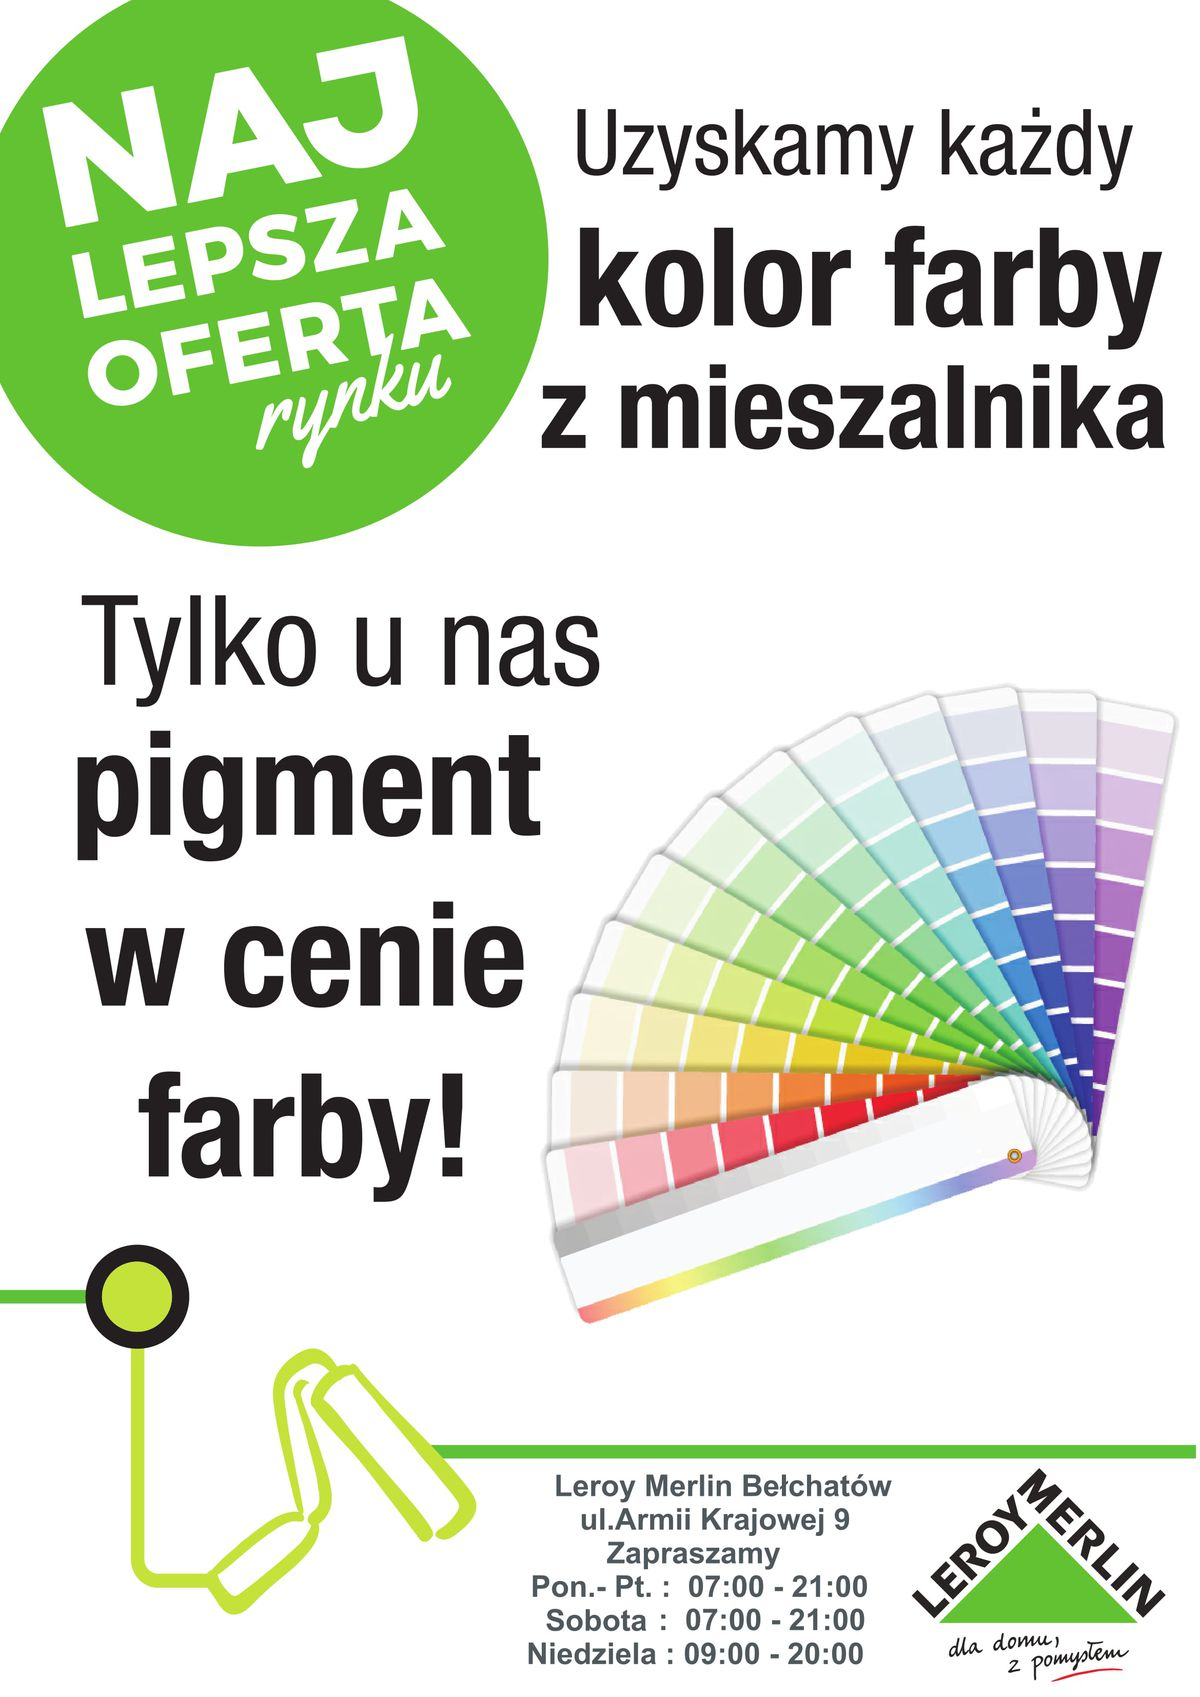 main Meilleur De De Leroy Merlin Parasol Des Idées